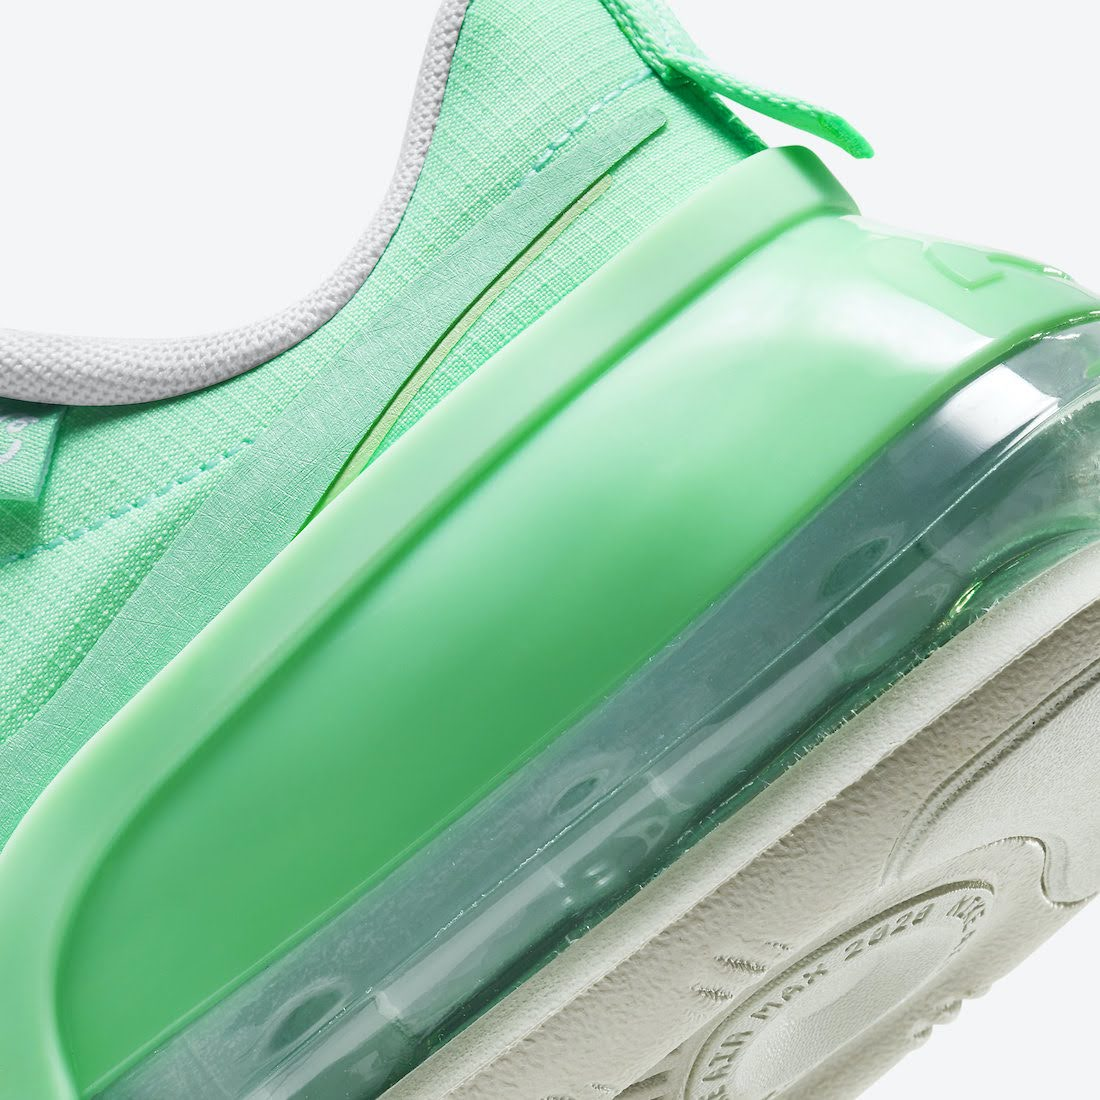 """ナイキ ウィメンズ エア マックス アップ """"レディー リバティ"""" Nike-WMNS-Air-Max-Up-NYC-Lady-Liberty-DH0154-300-side-heel"""